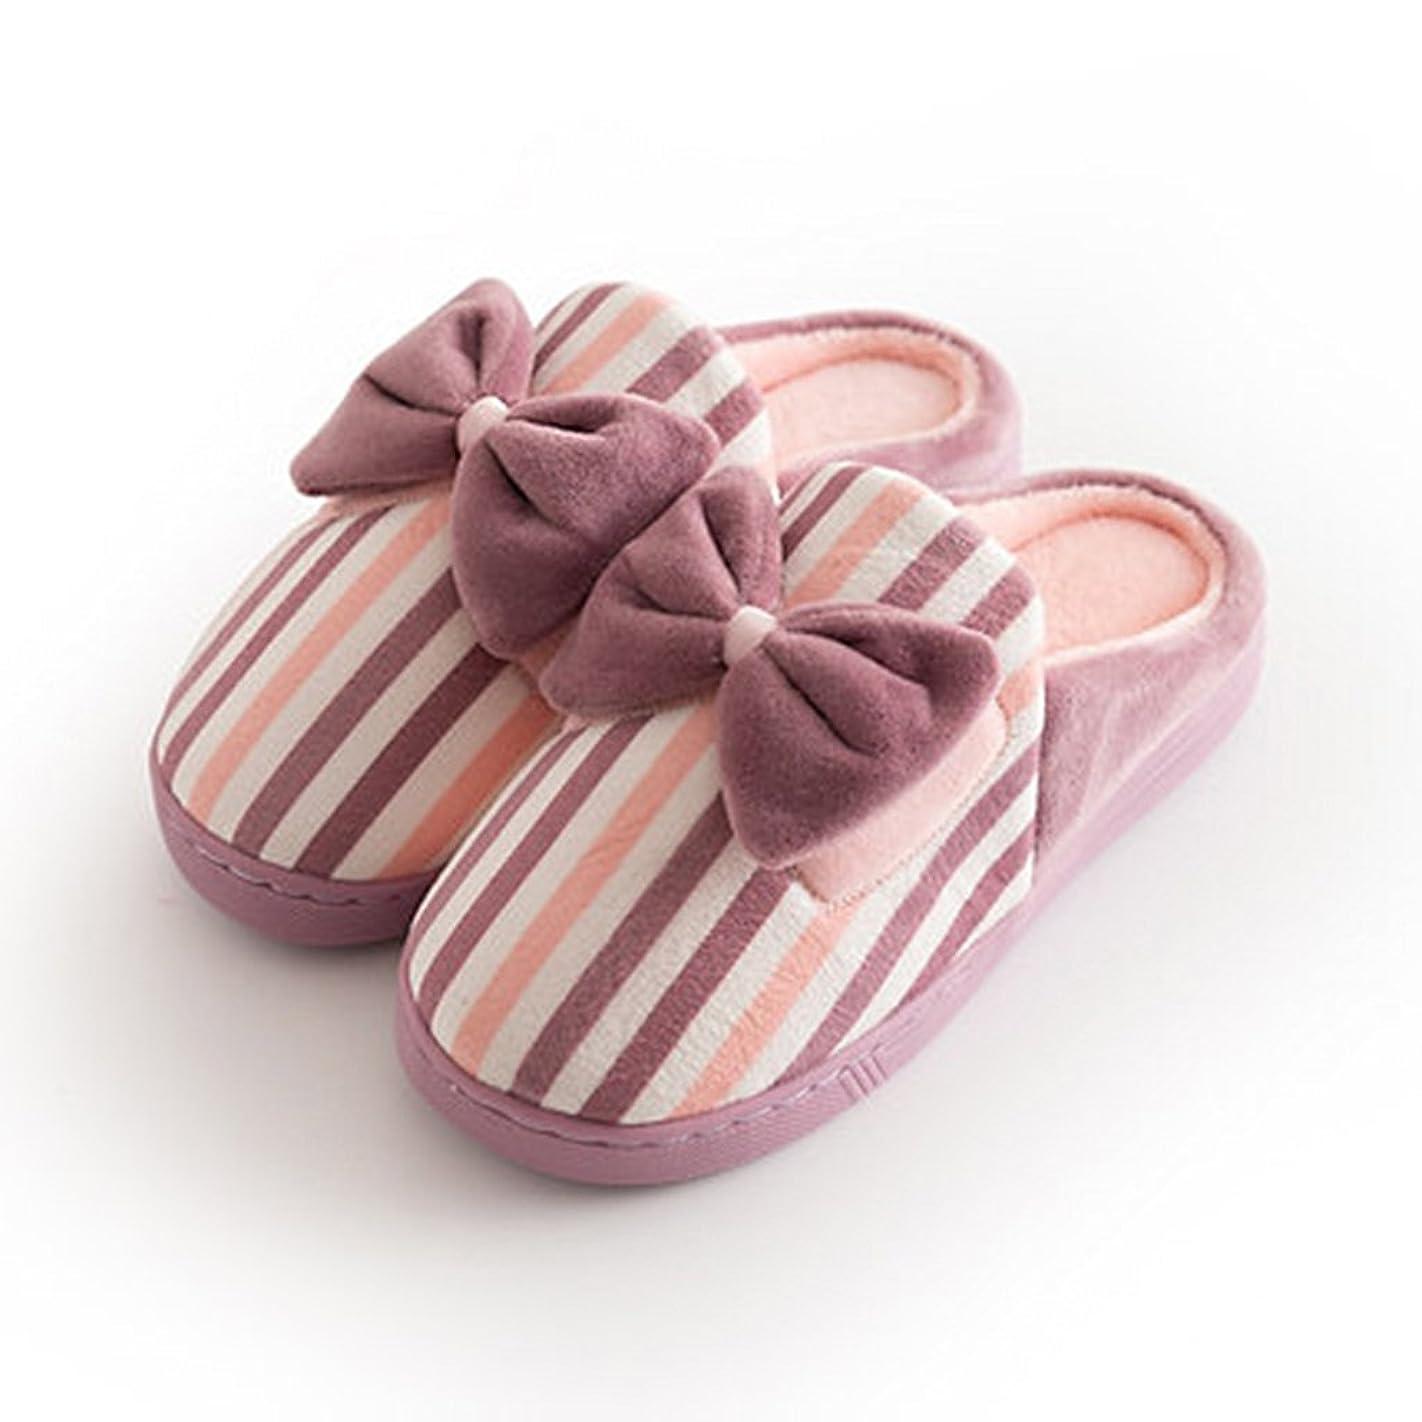 交じるフェッチ否認するコットンスリッパレディースホーム冬暖かい靴のかわいい弓 ( 色 : Pattern 2 , サイズ さいず : EUR:38-39 )